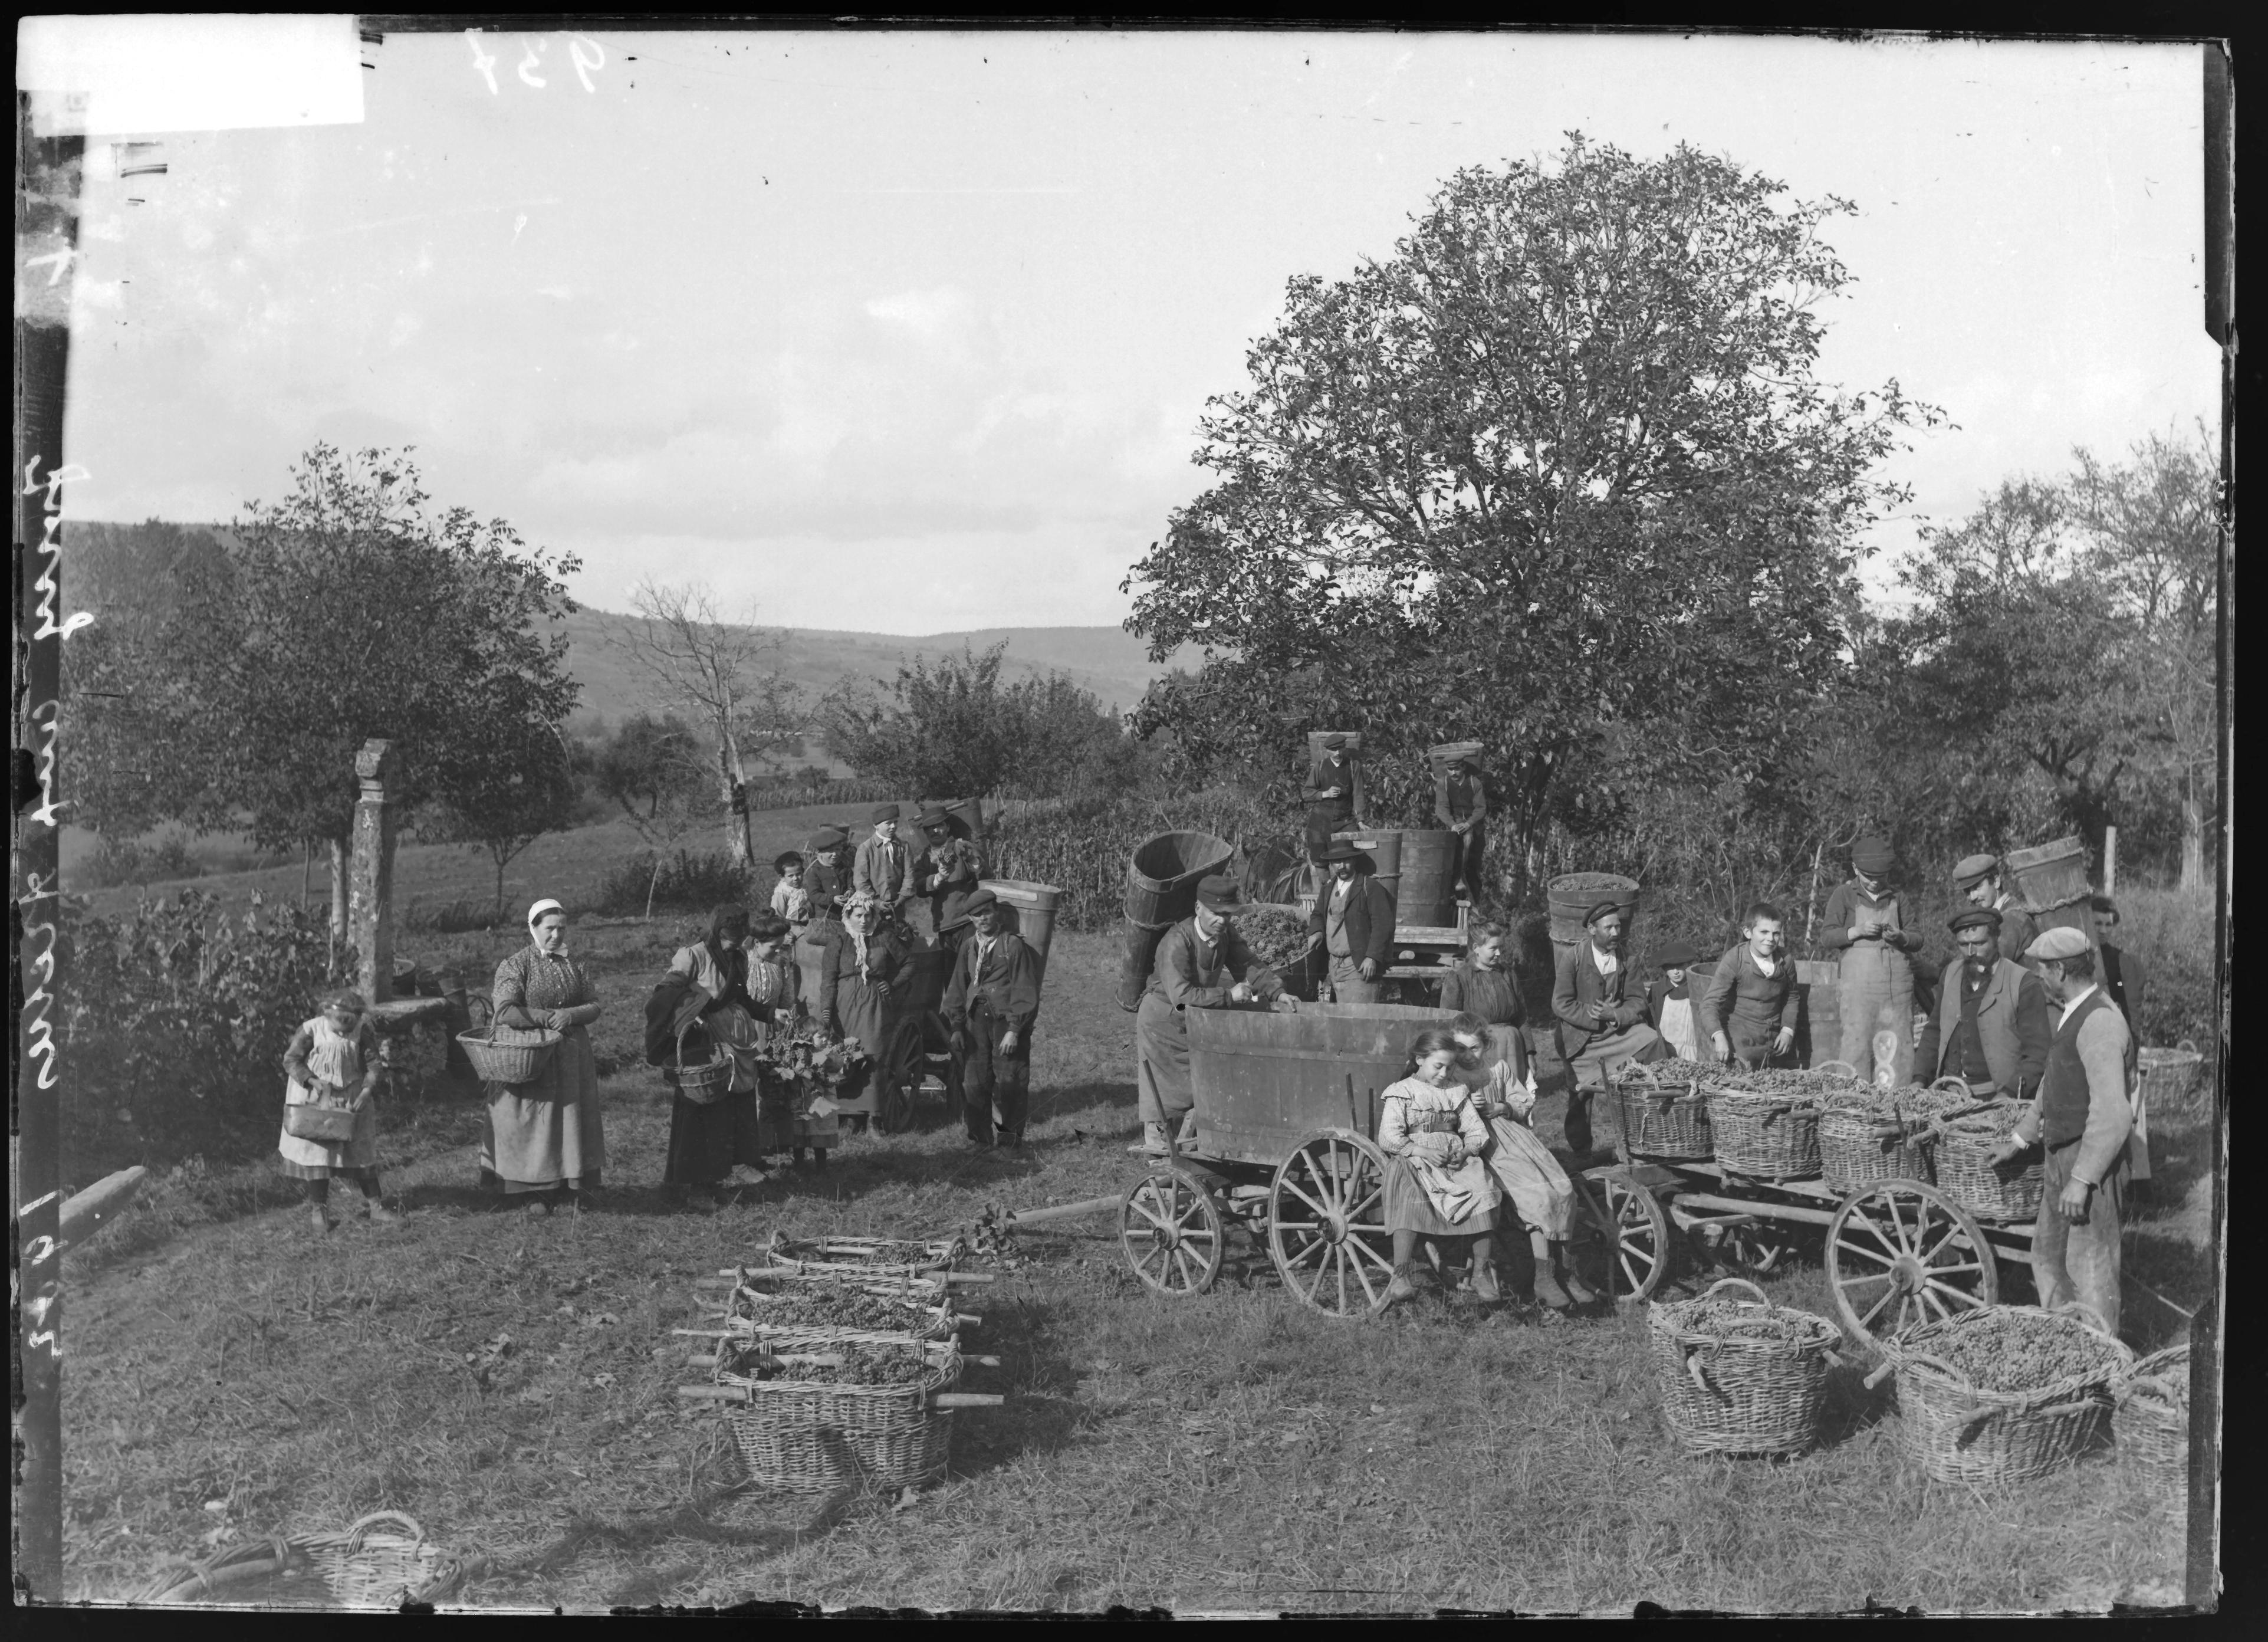 Contenu du Scène de vendanges à Jouy-aux-Arches, vers 1902